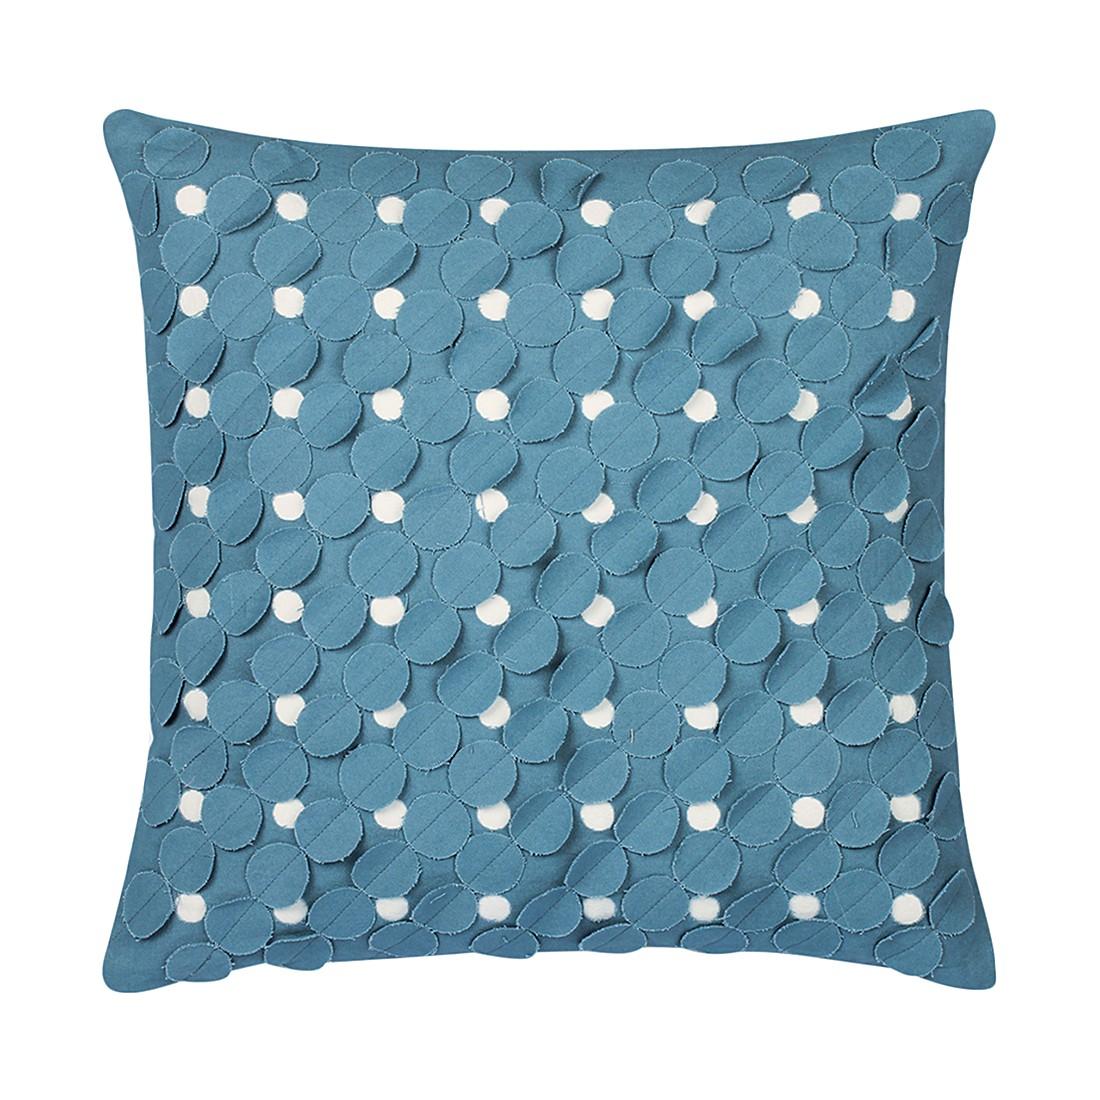 Kissen Orzola – 45 X 45 cm, Blau, Baumwolle – Kissenhülle, mit Füllung, Dutch Decor günstig kaufen